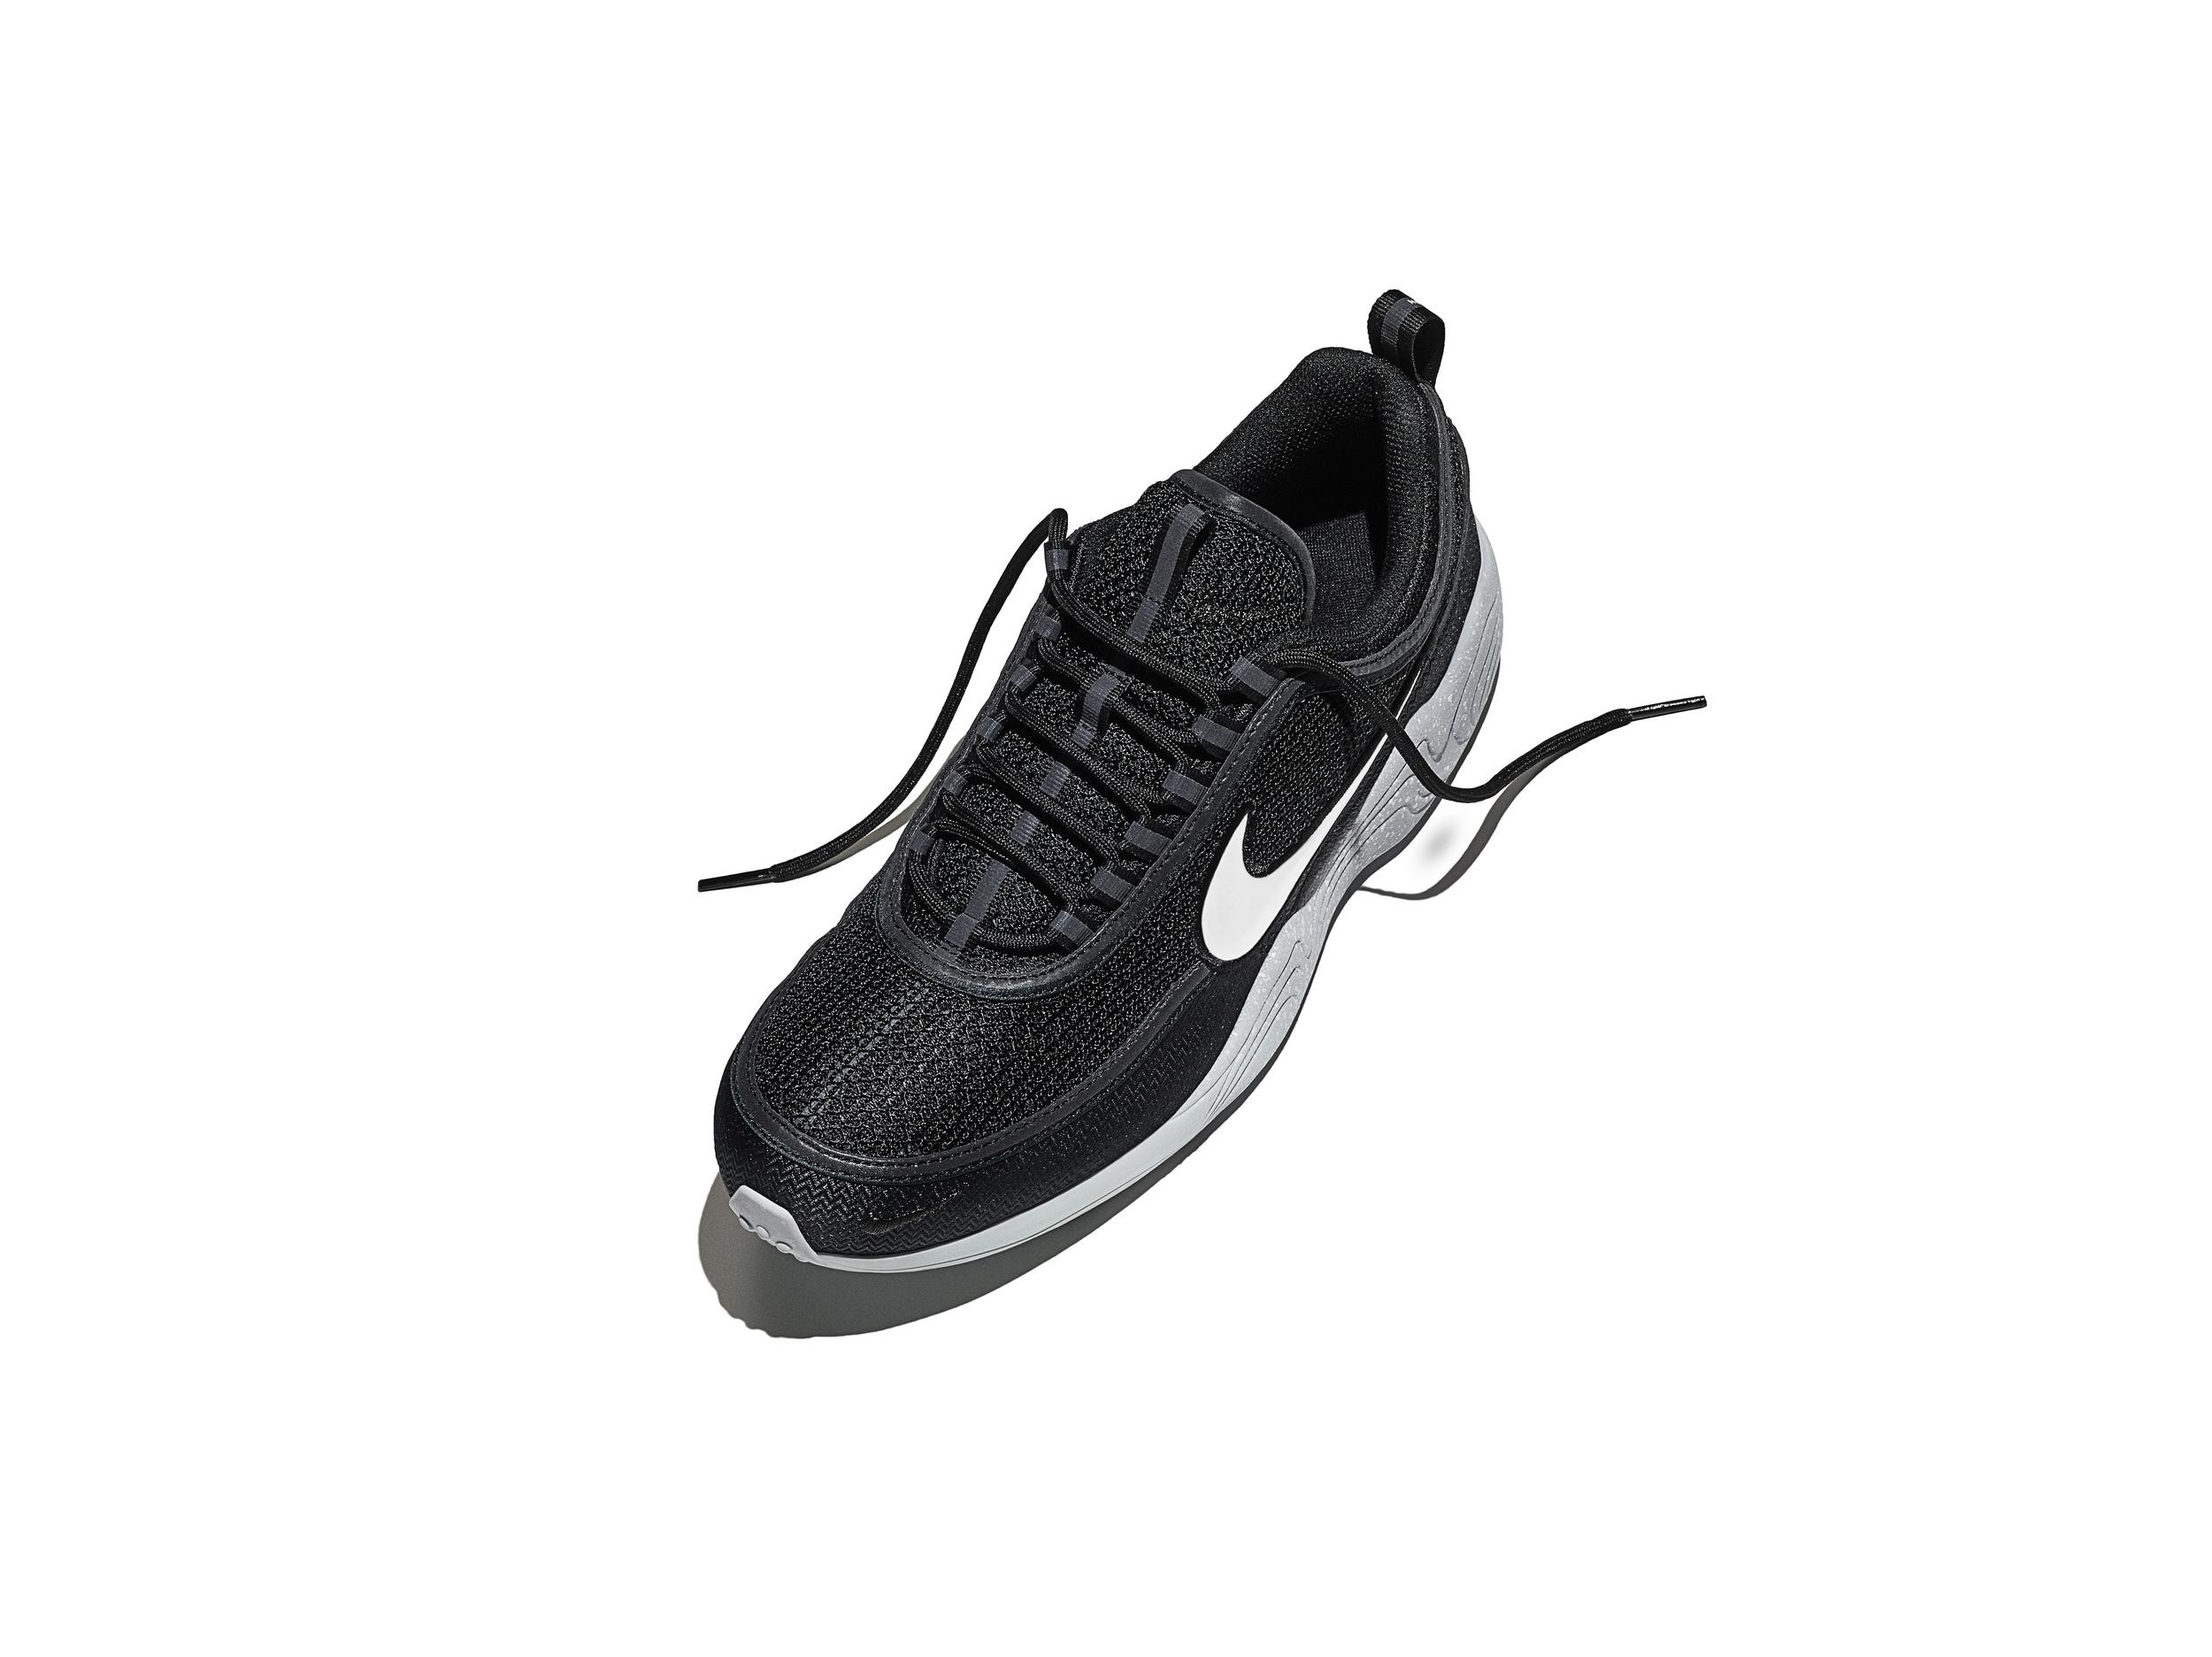 Nike_LAB_Spiridon_blkgry_HERO_01_60172.jpg